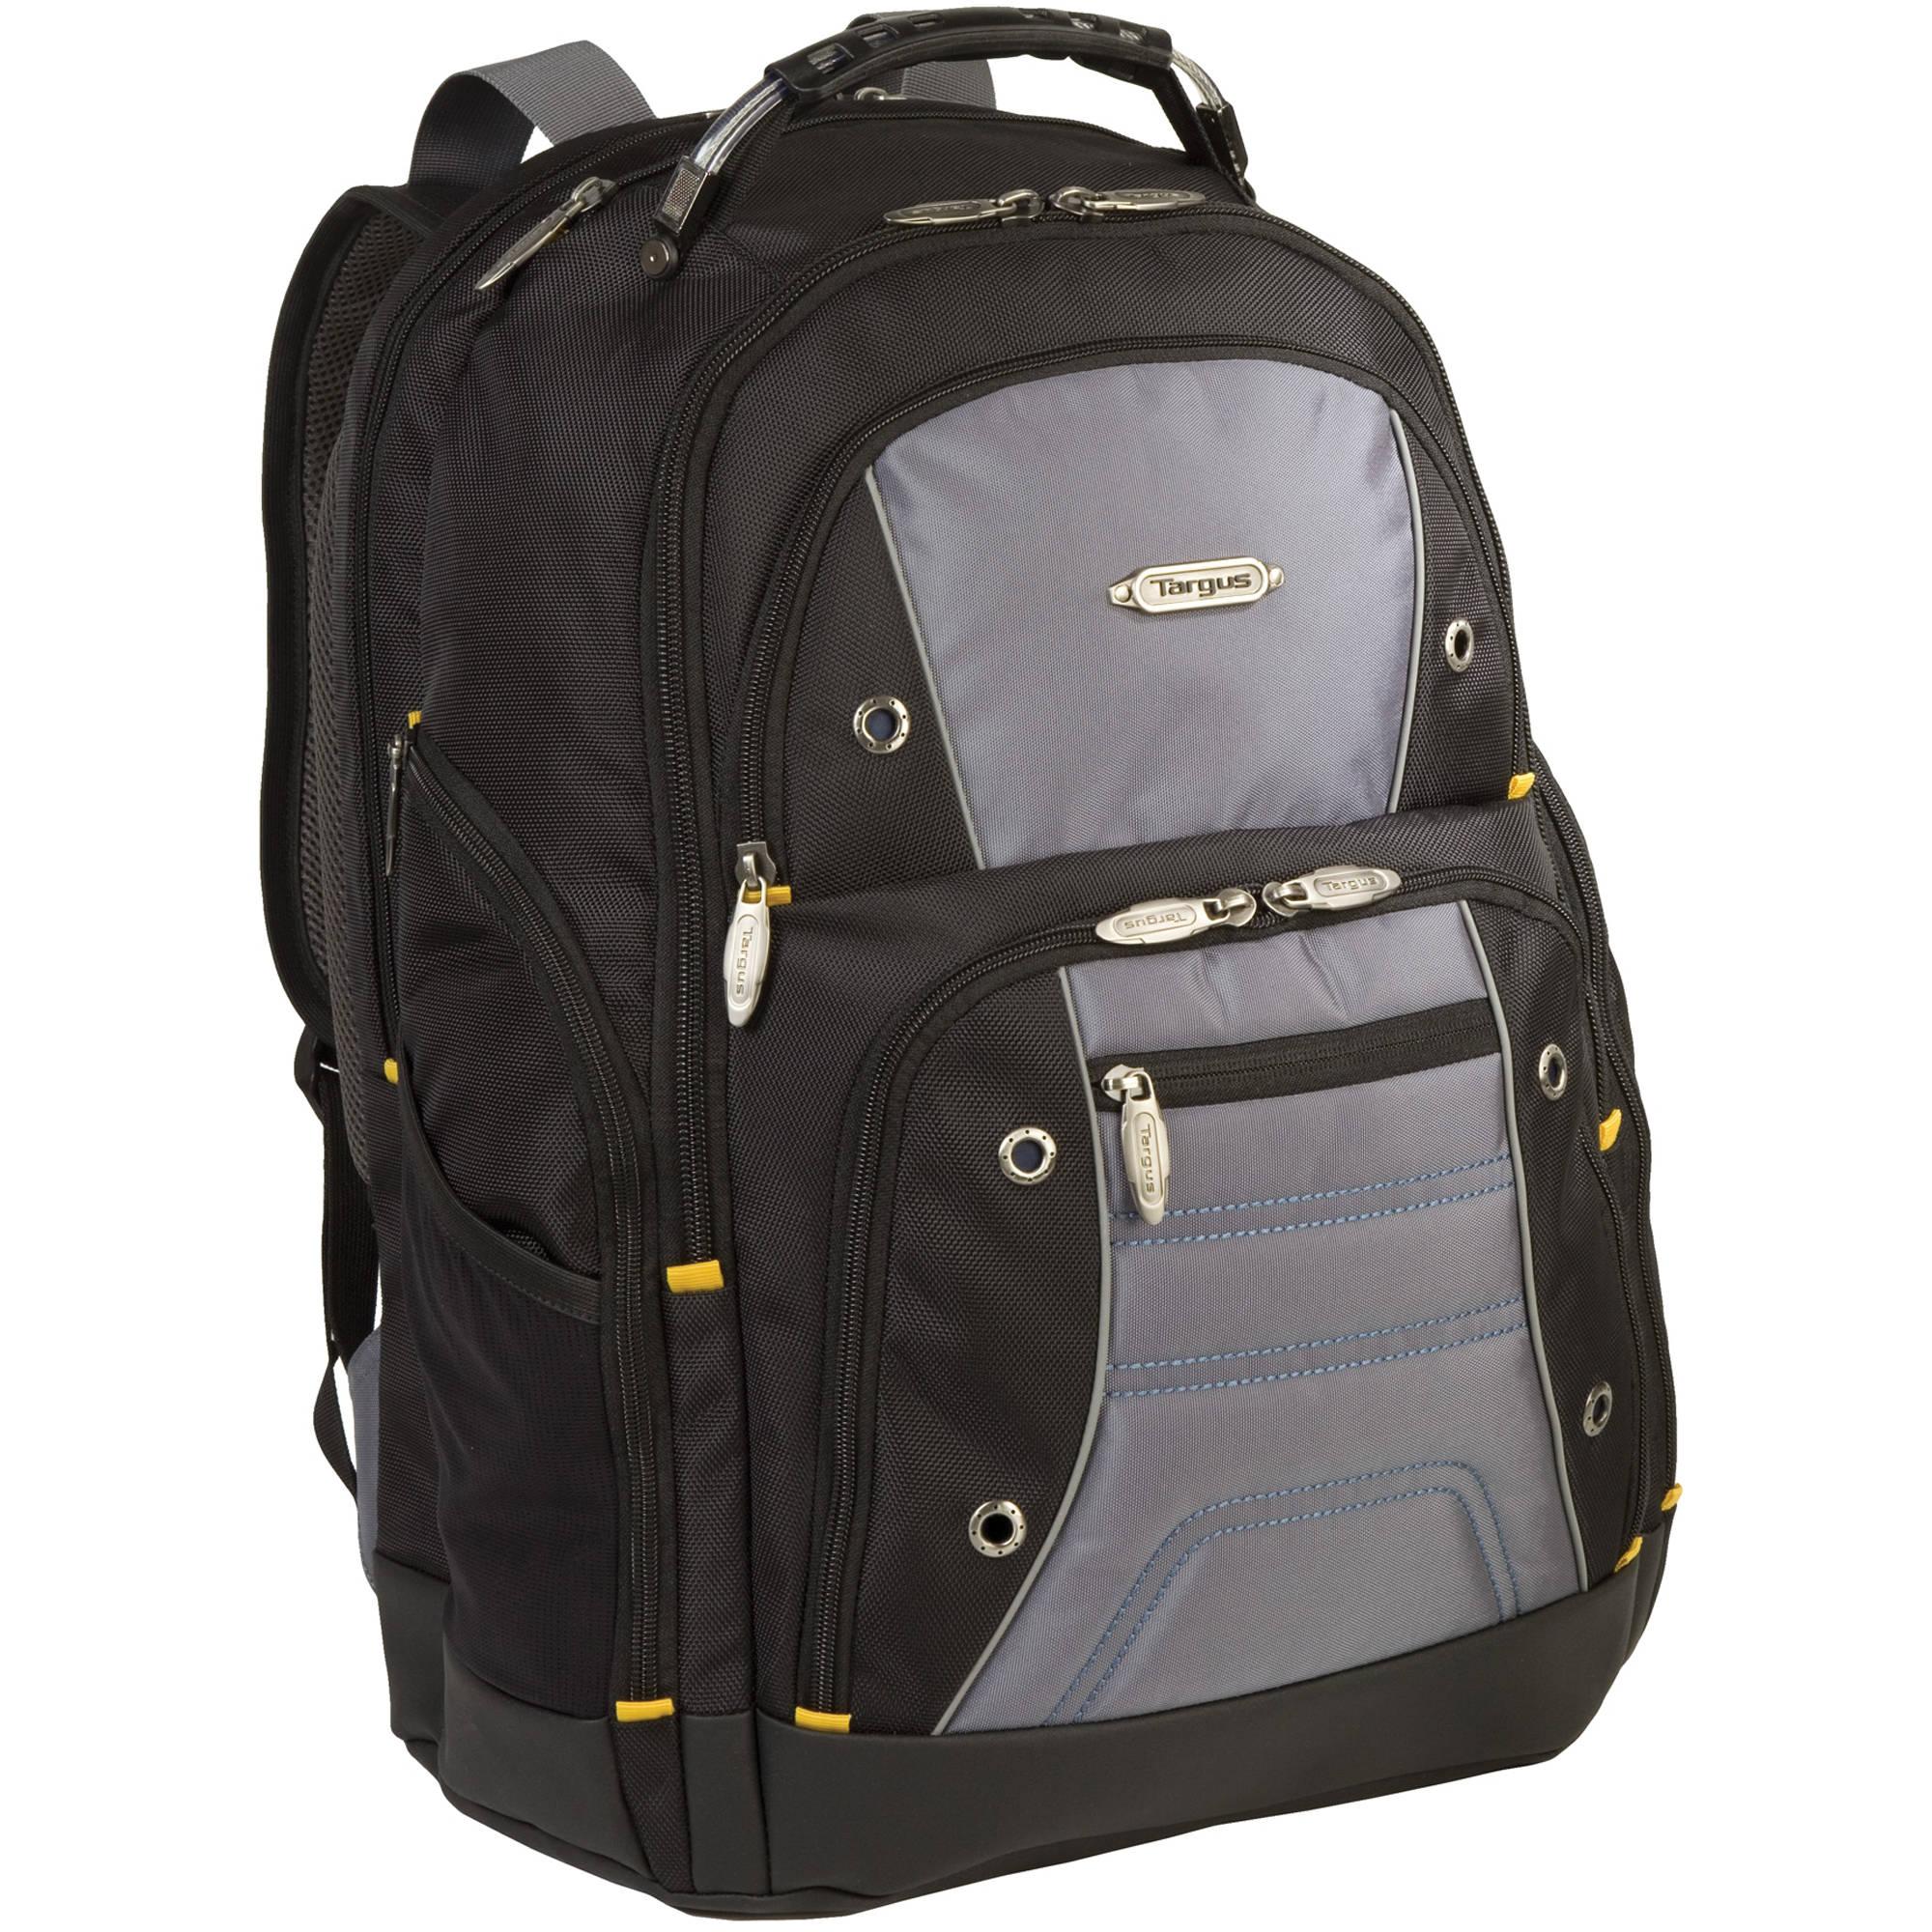 купить рюкзак для охоты и рыбалки в интернет магазине недорого